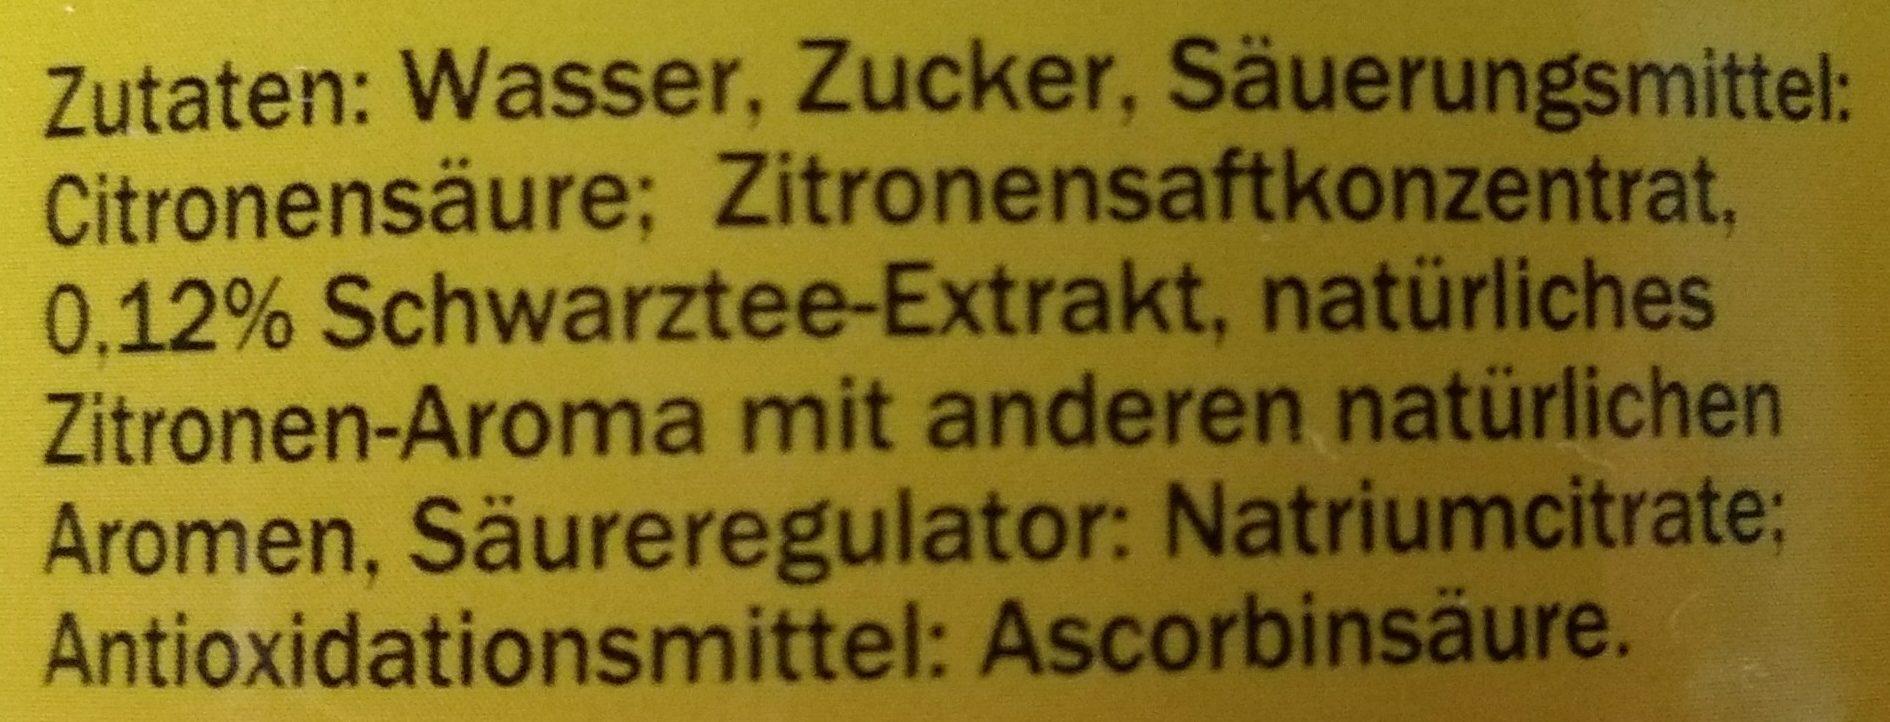 Eistee Zitrone - Inhaltsstoffe